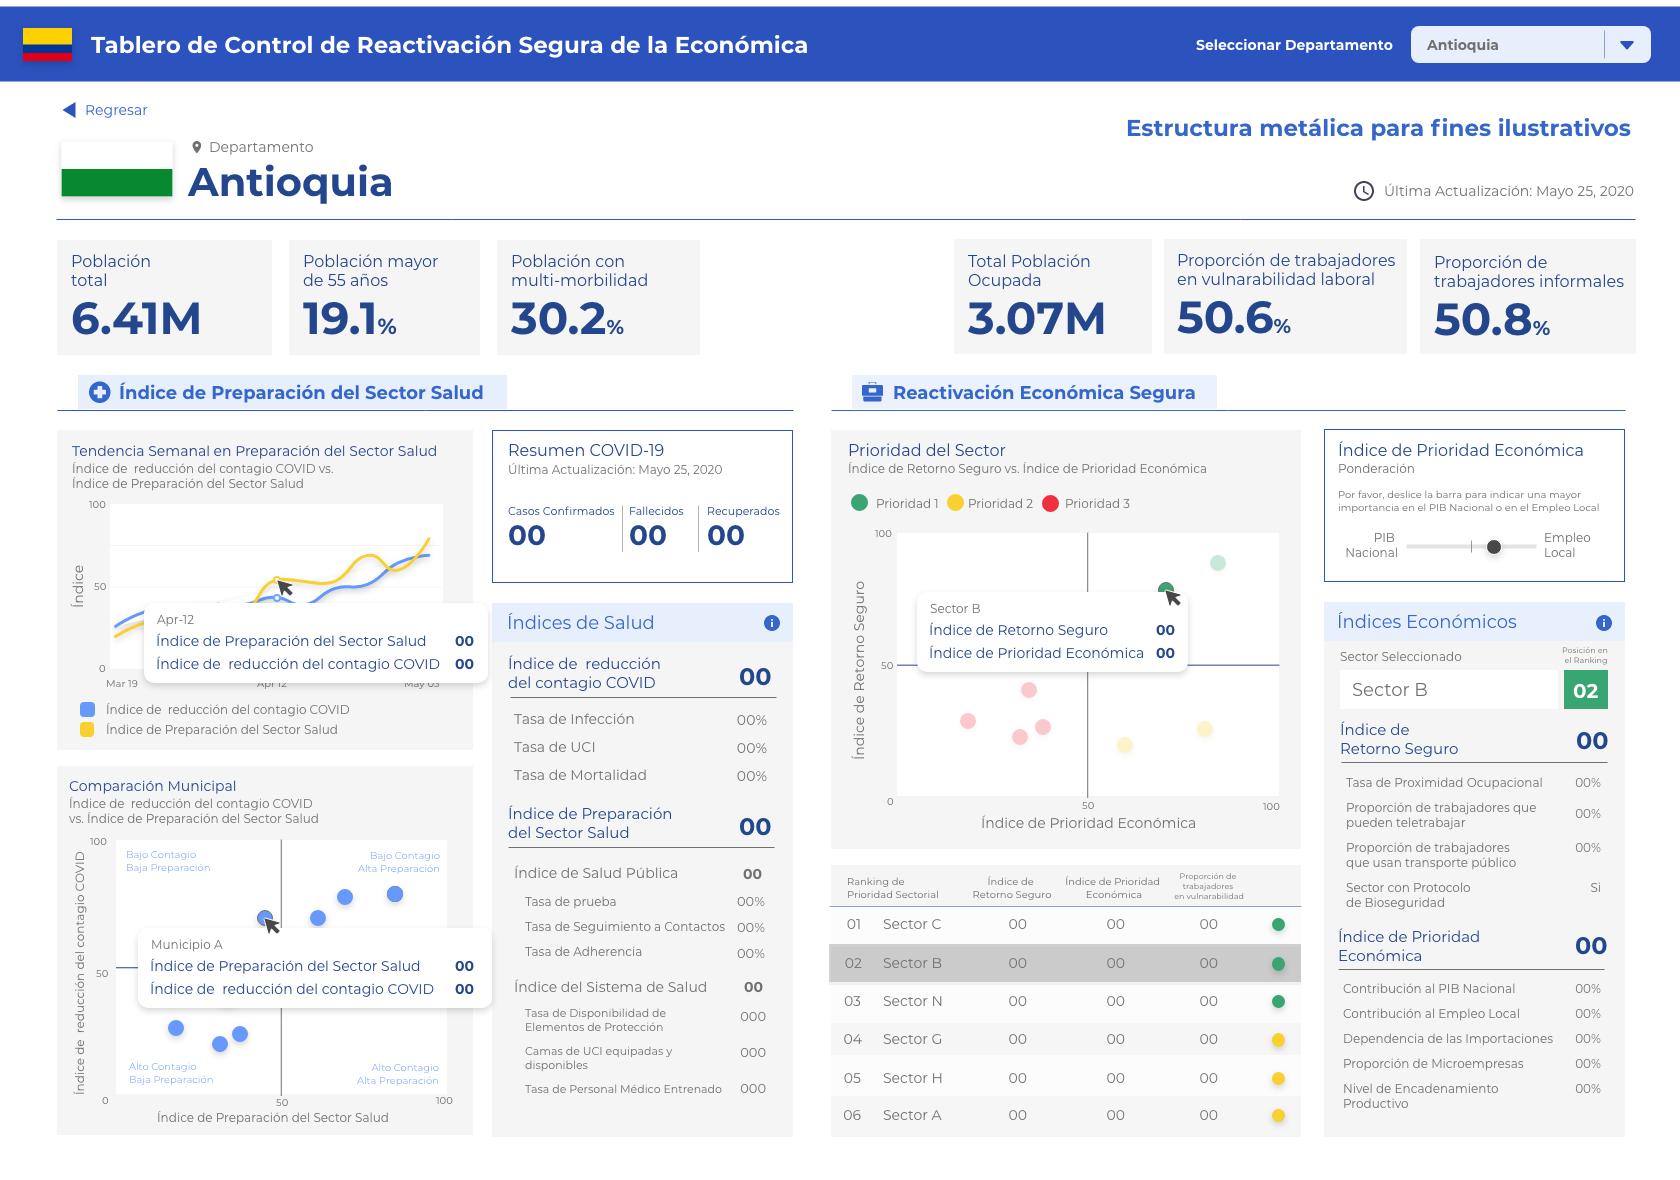 Prototipodel cuadro de mando del índice de alistamiento de reactivación económica